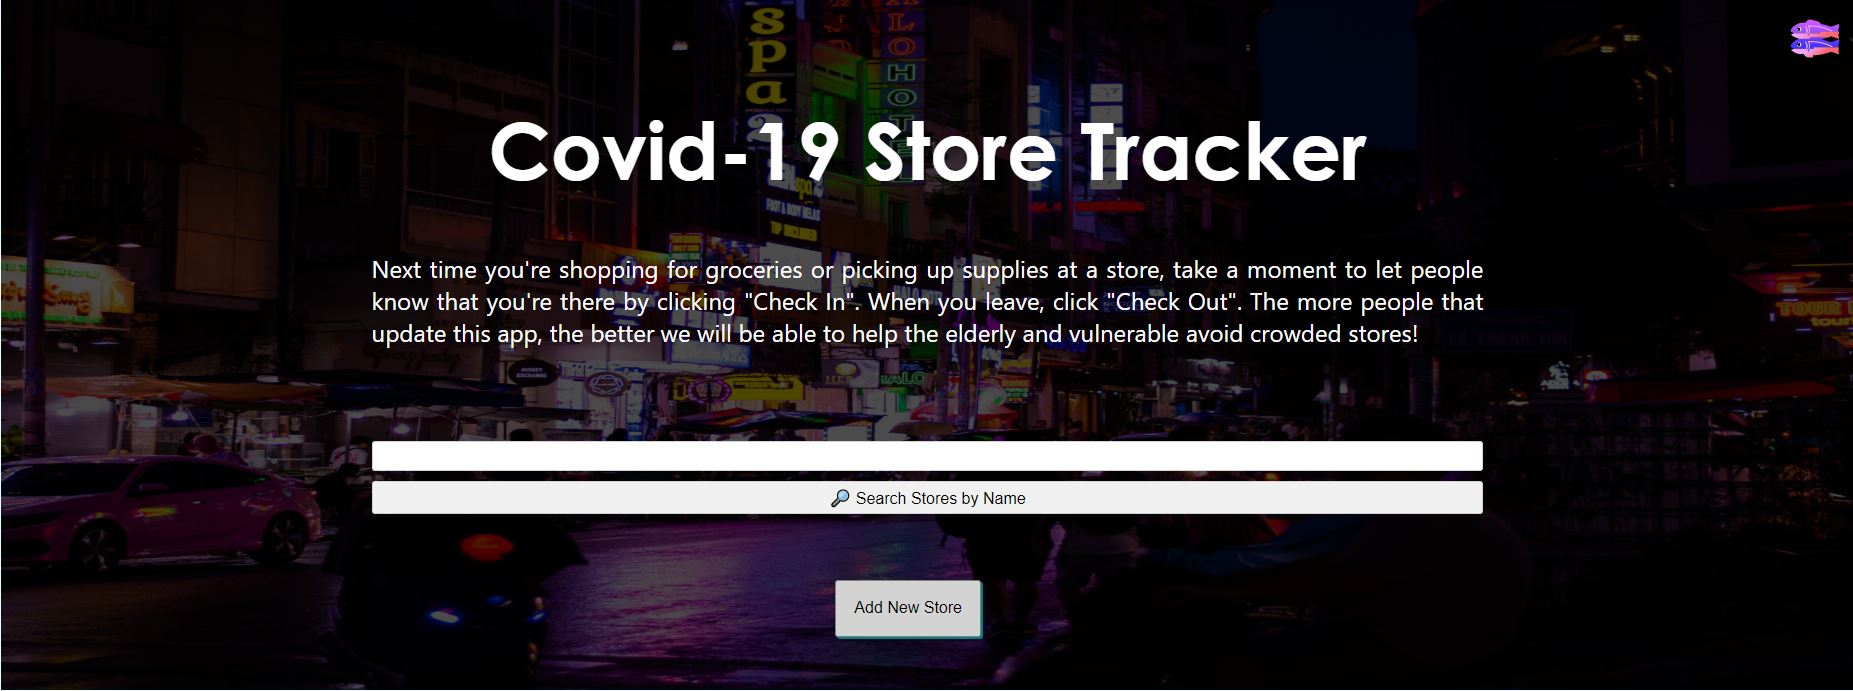 Covid-19 Store Tracker